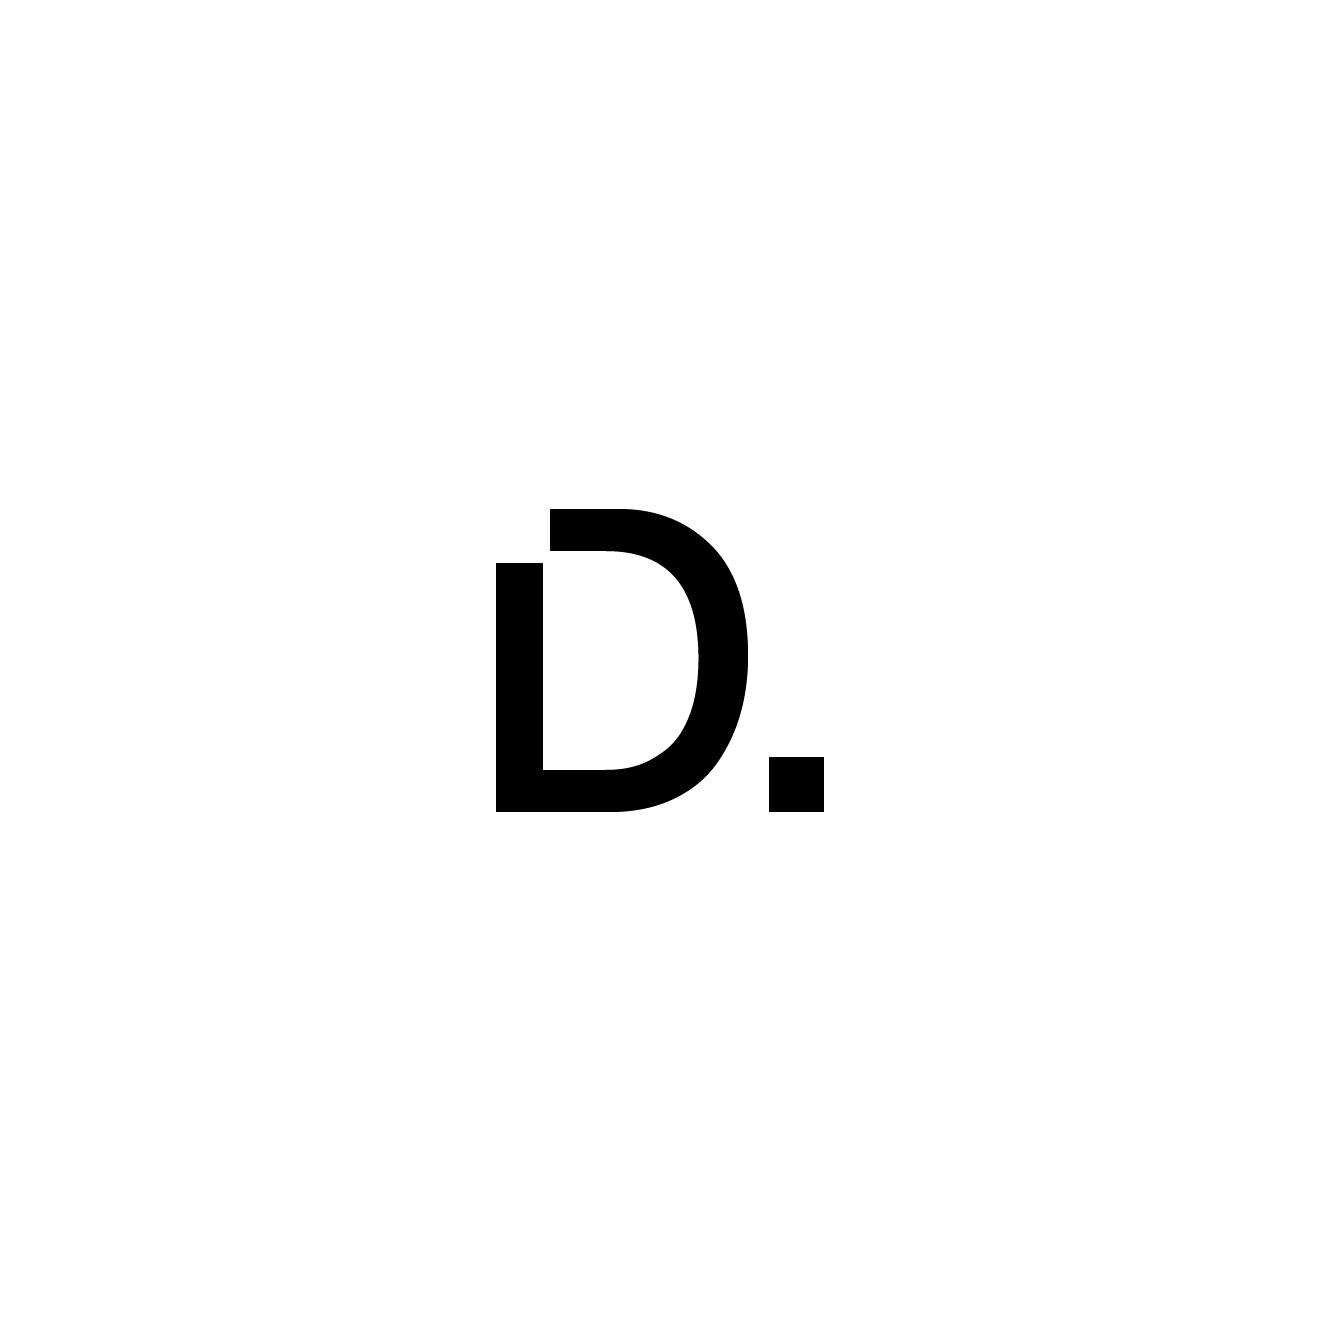 logo-dakodapp